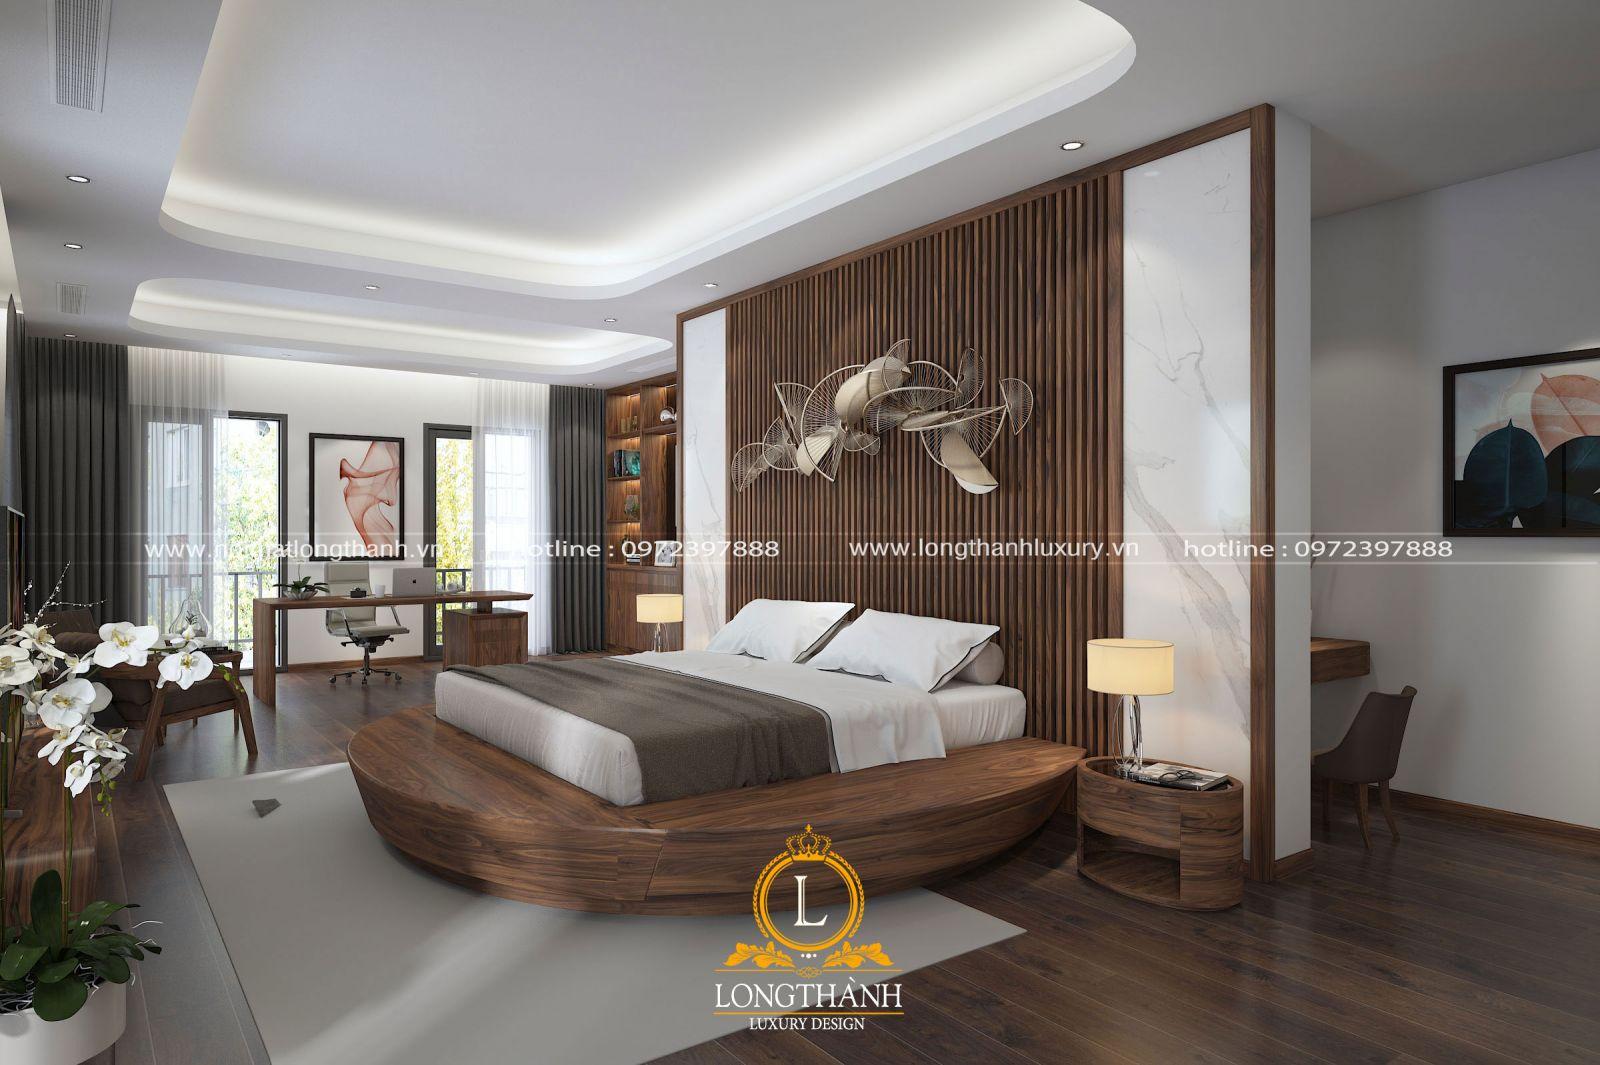 Thiết kế phòng ngủ master cho nhà biệt thự có diện tích rộng